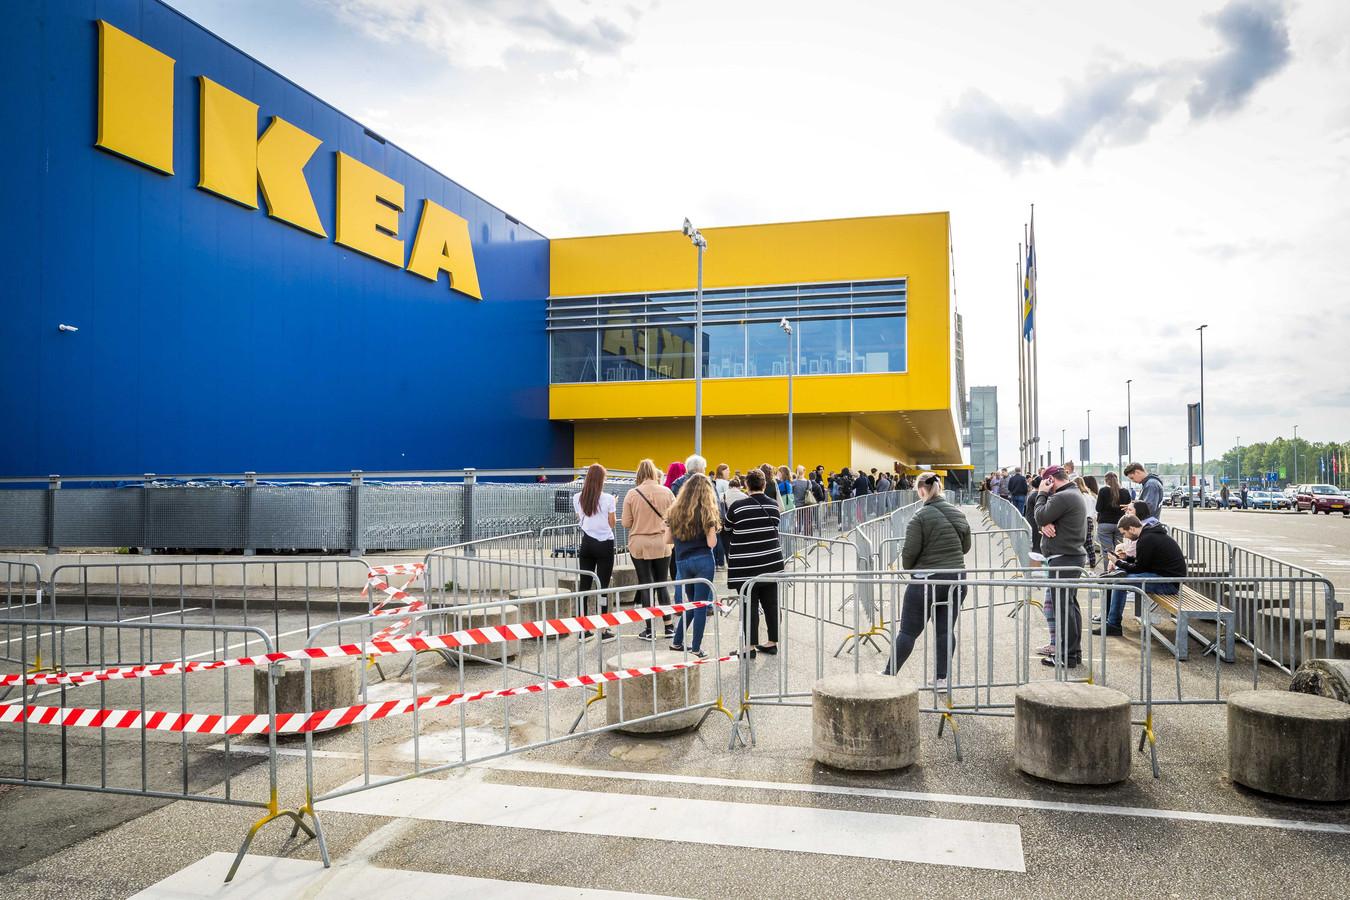 Klanten staan in de rij voor IKEA.